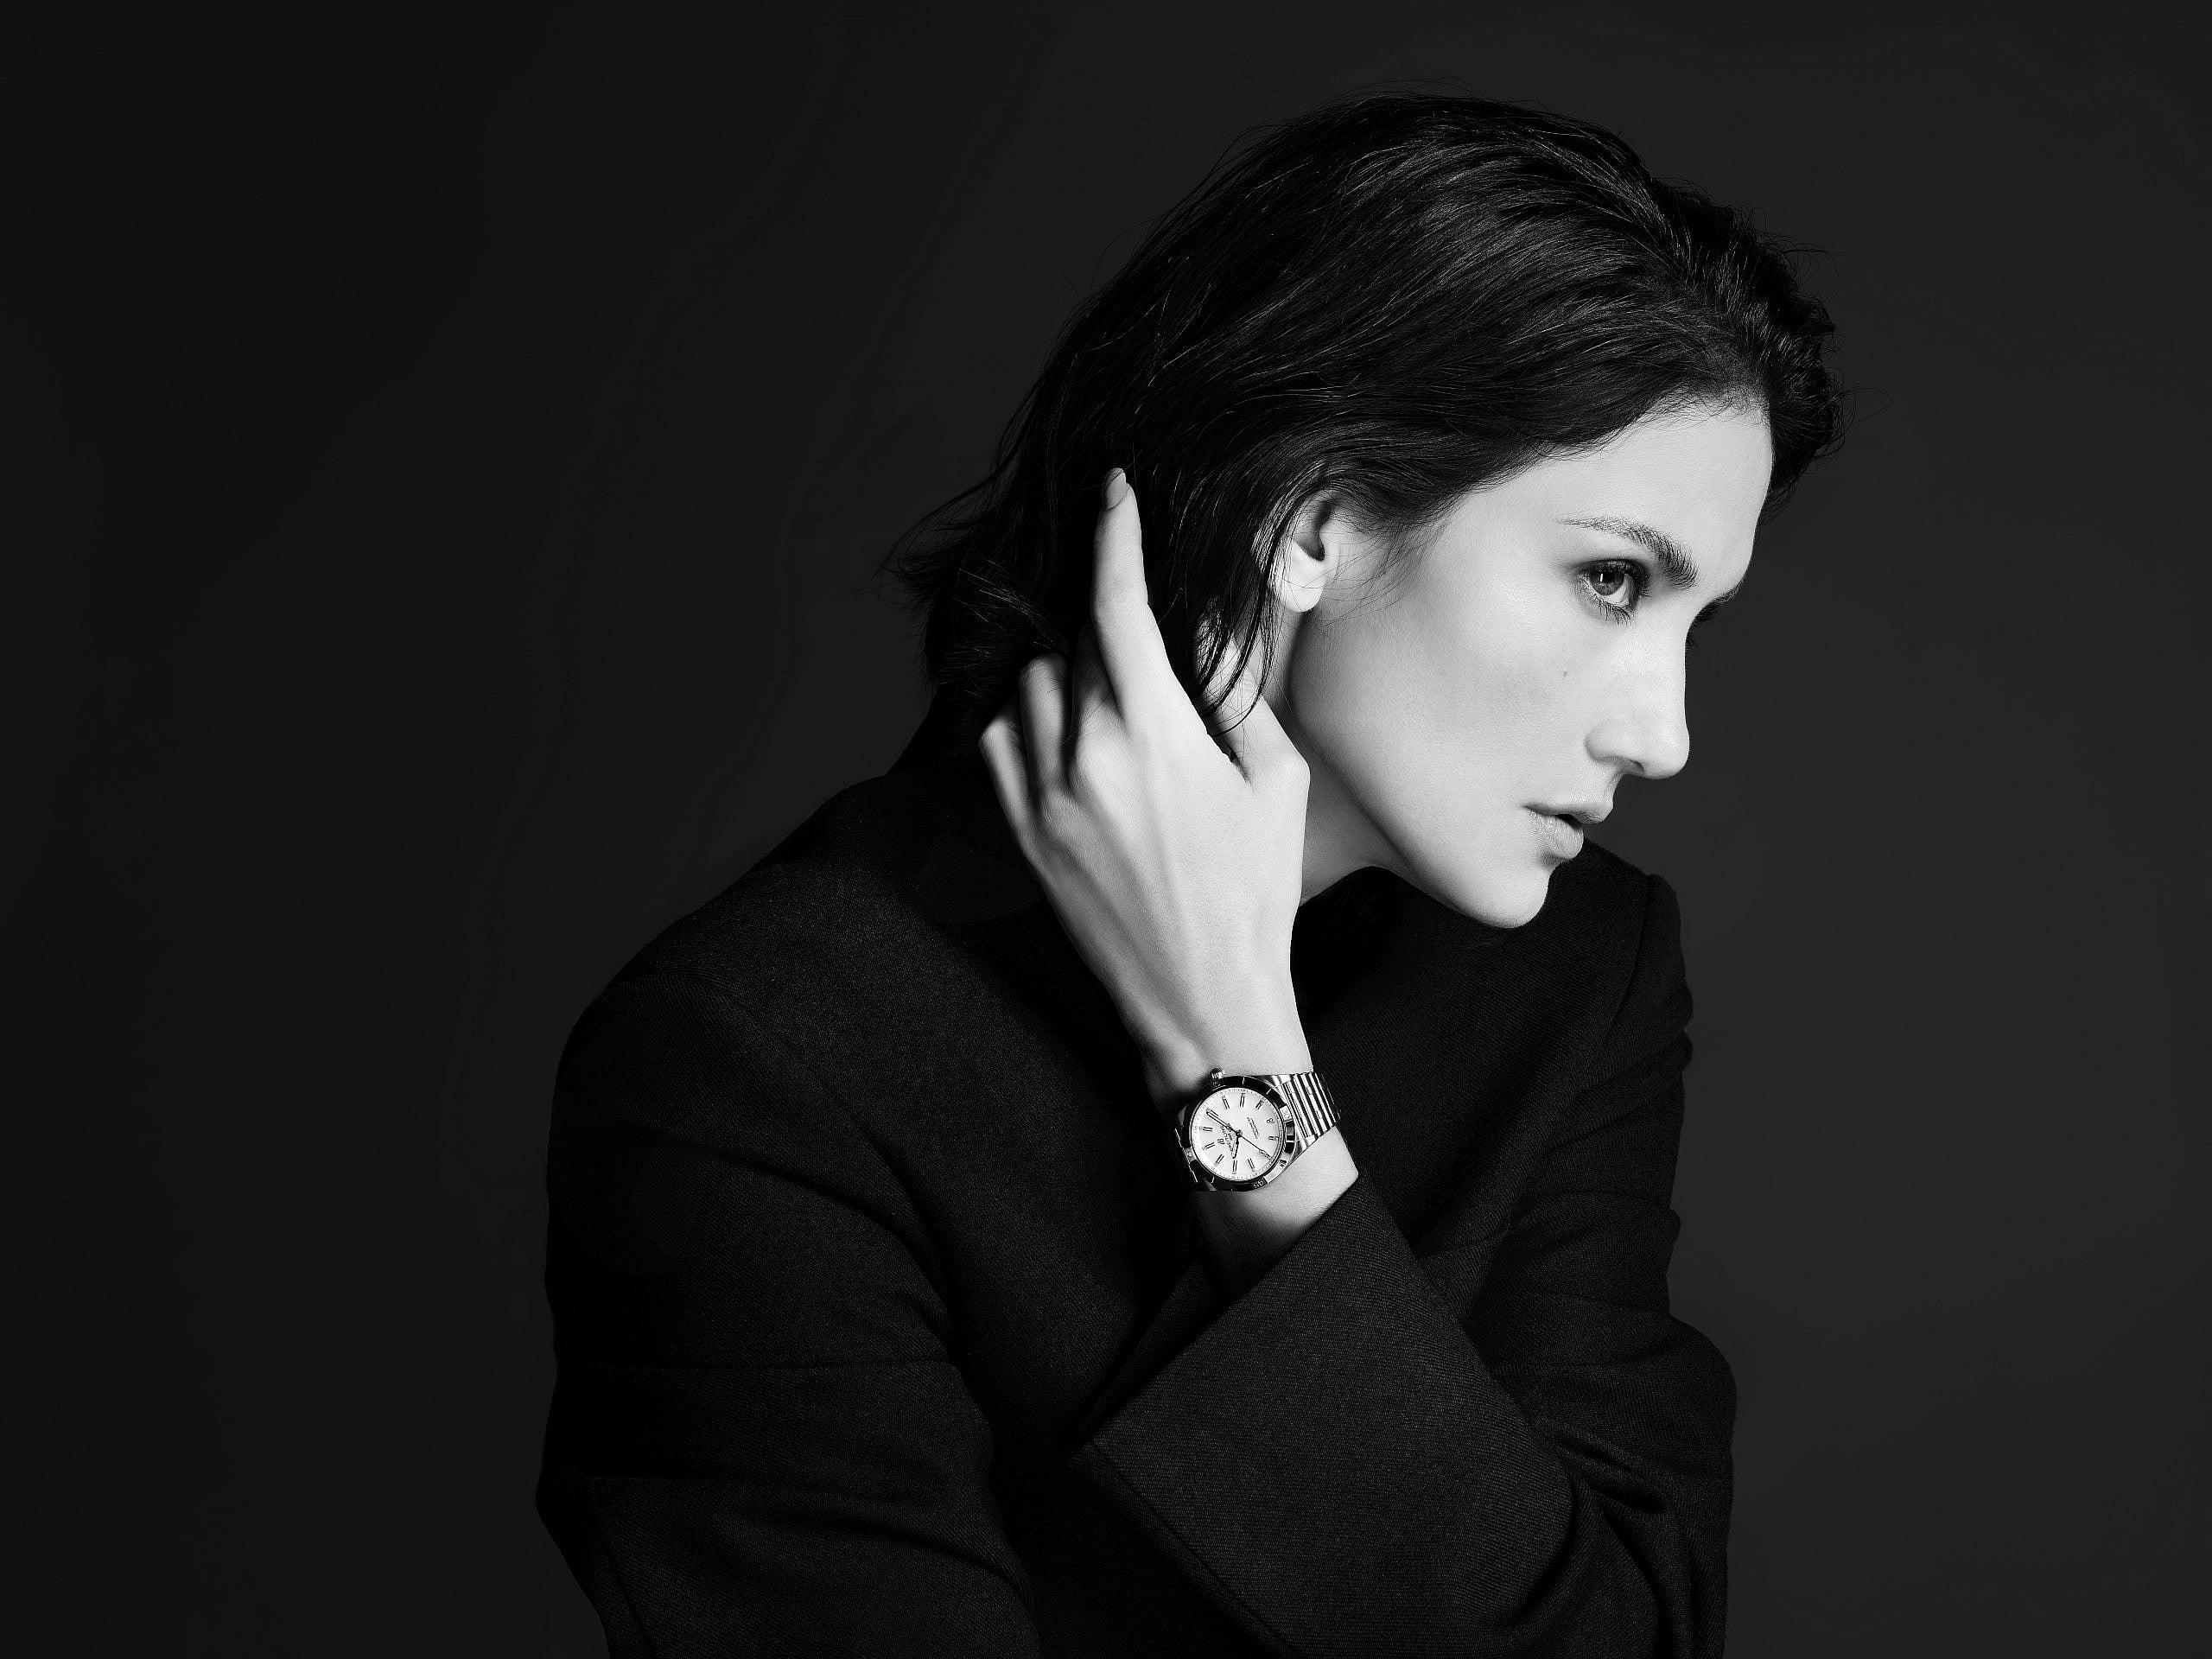 ซินดี้-สิรินยา บิชอฟ ได้รับการแต่งตั้งให้เป็น Friend of Breitling คนใหม่ ภายหลังการเปิดตัวนาฬิกาไบรทลิ่งสำหรับสุภาพสตรี Chronomat women's 32 และ 36 โดยรับหน้าที่เป็นตัวแทนของผู้หญิงที่มีเป้าหมายชัดเจน ลงมือปฏิบัติจริง และเปี่ยมด้วยสไตล์